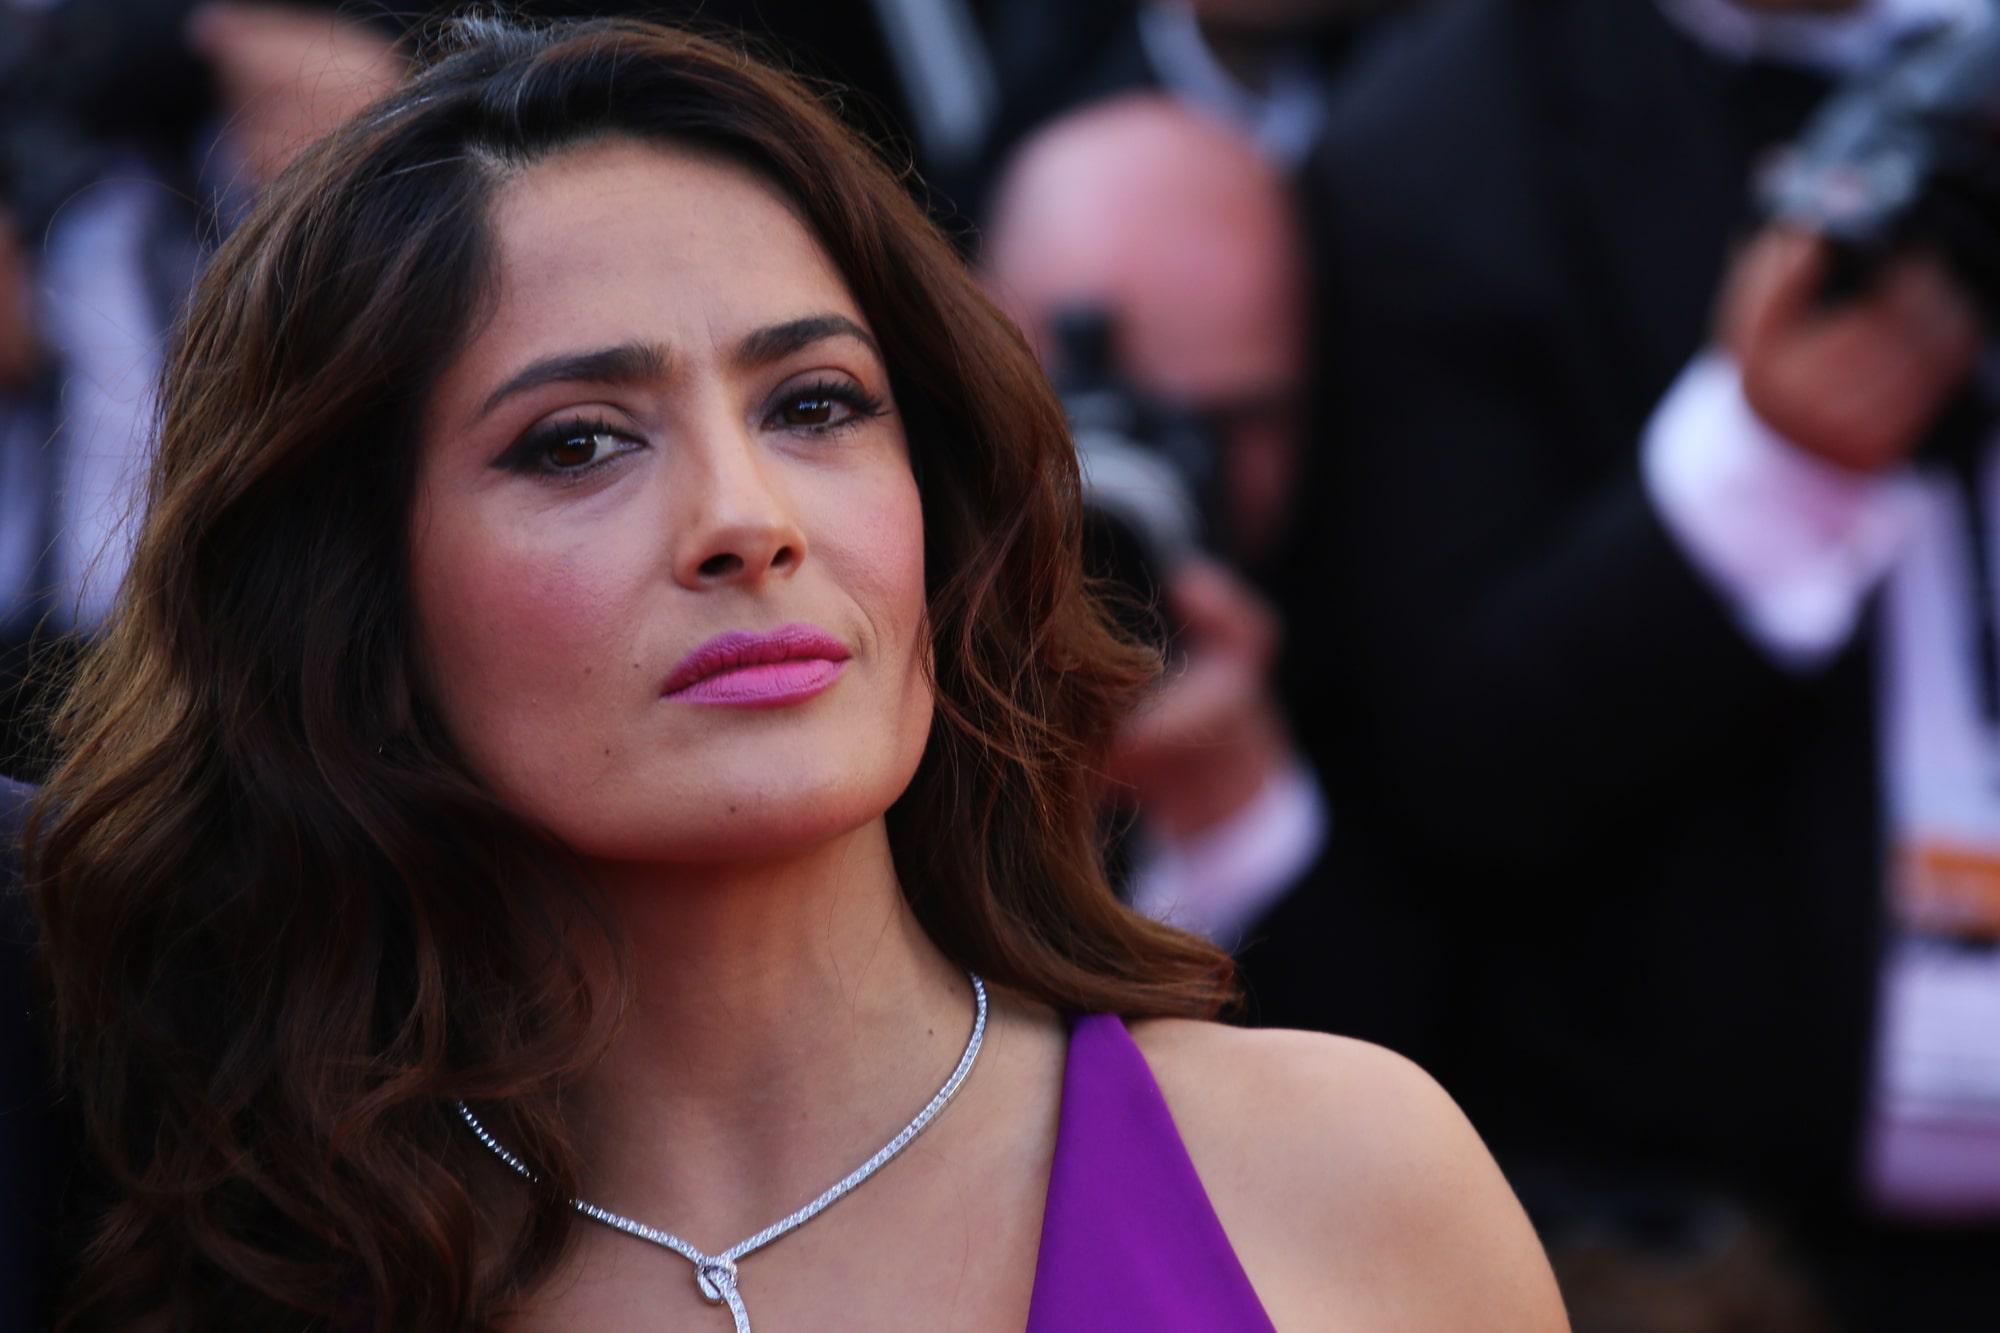 Сальма Хайек плакала во время съемок любовной сцены в фильме «Отчаянный»